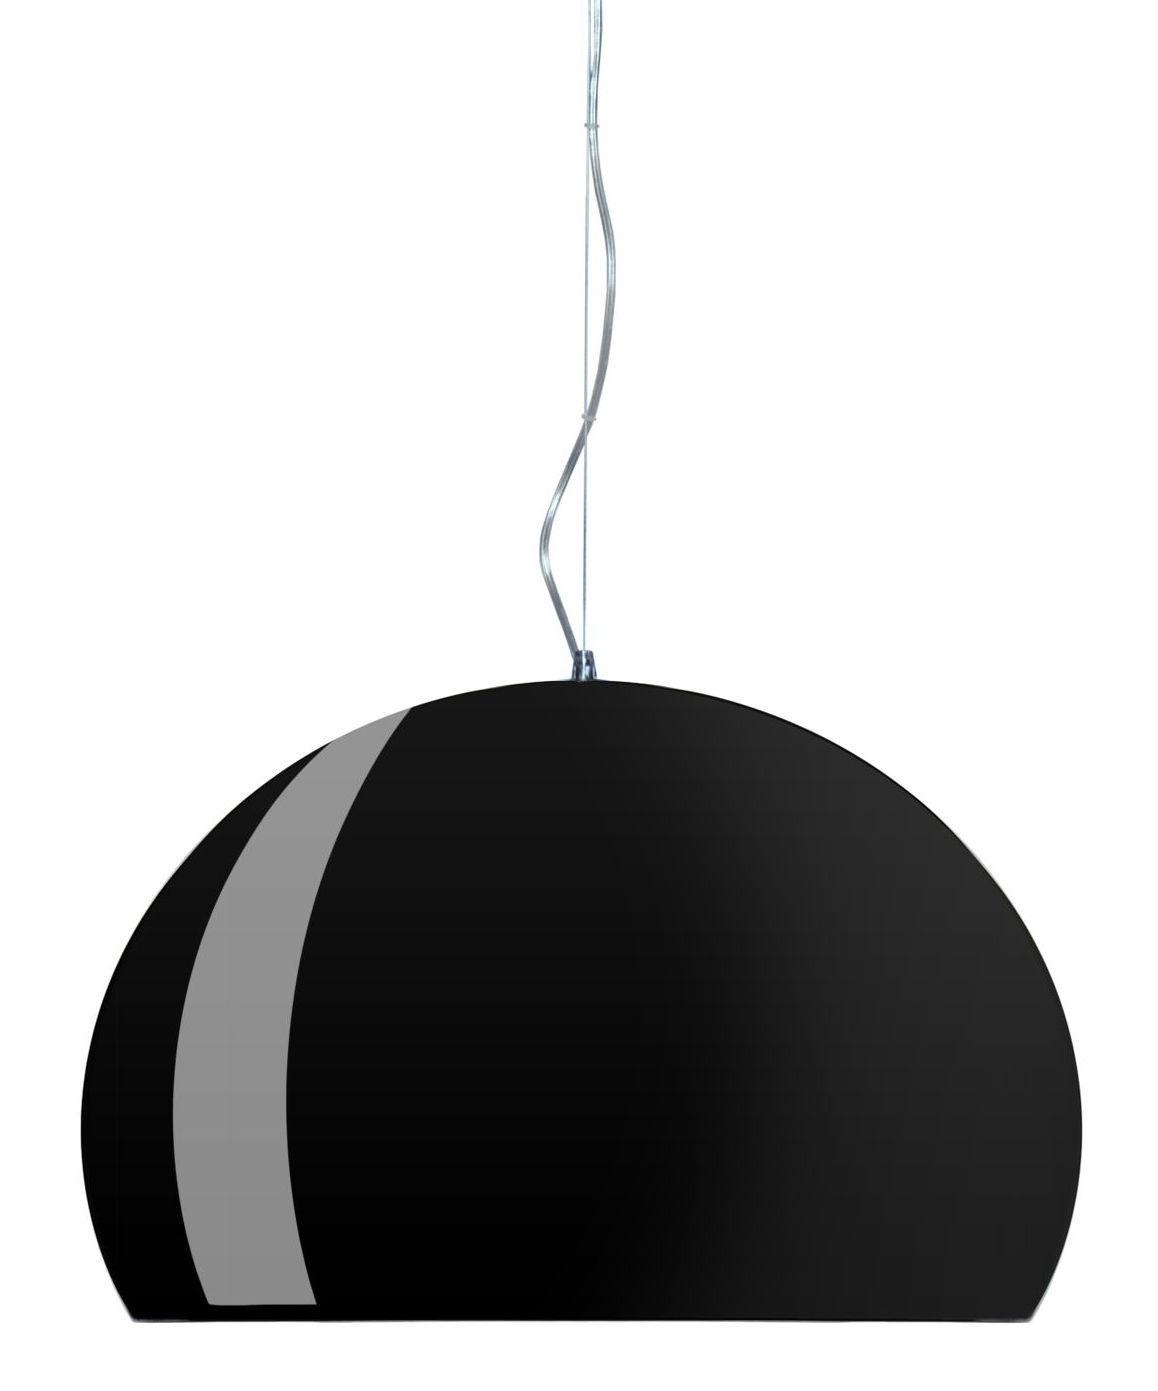 Φωτιστικό ανάρτησης FL / Y - Ø 52 cm Φωτεινό ματ μαύρο Kartell Ferruccio Laviani 1